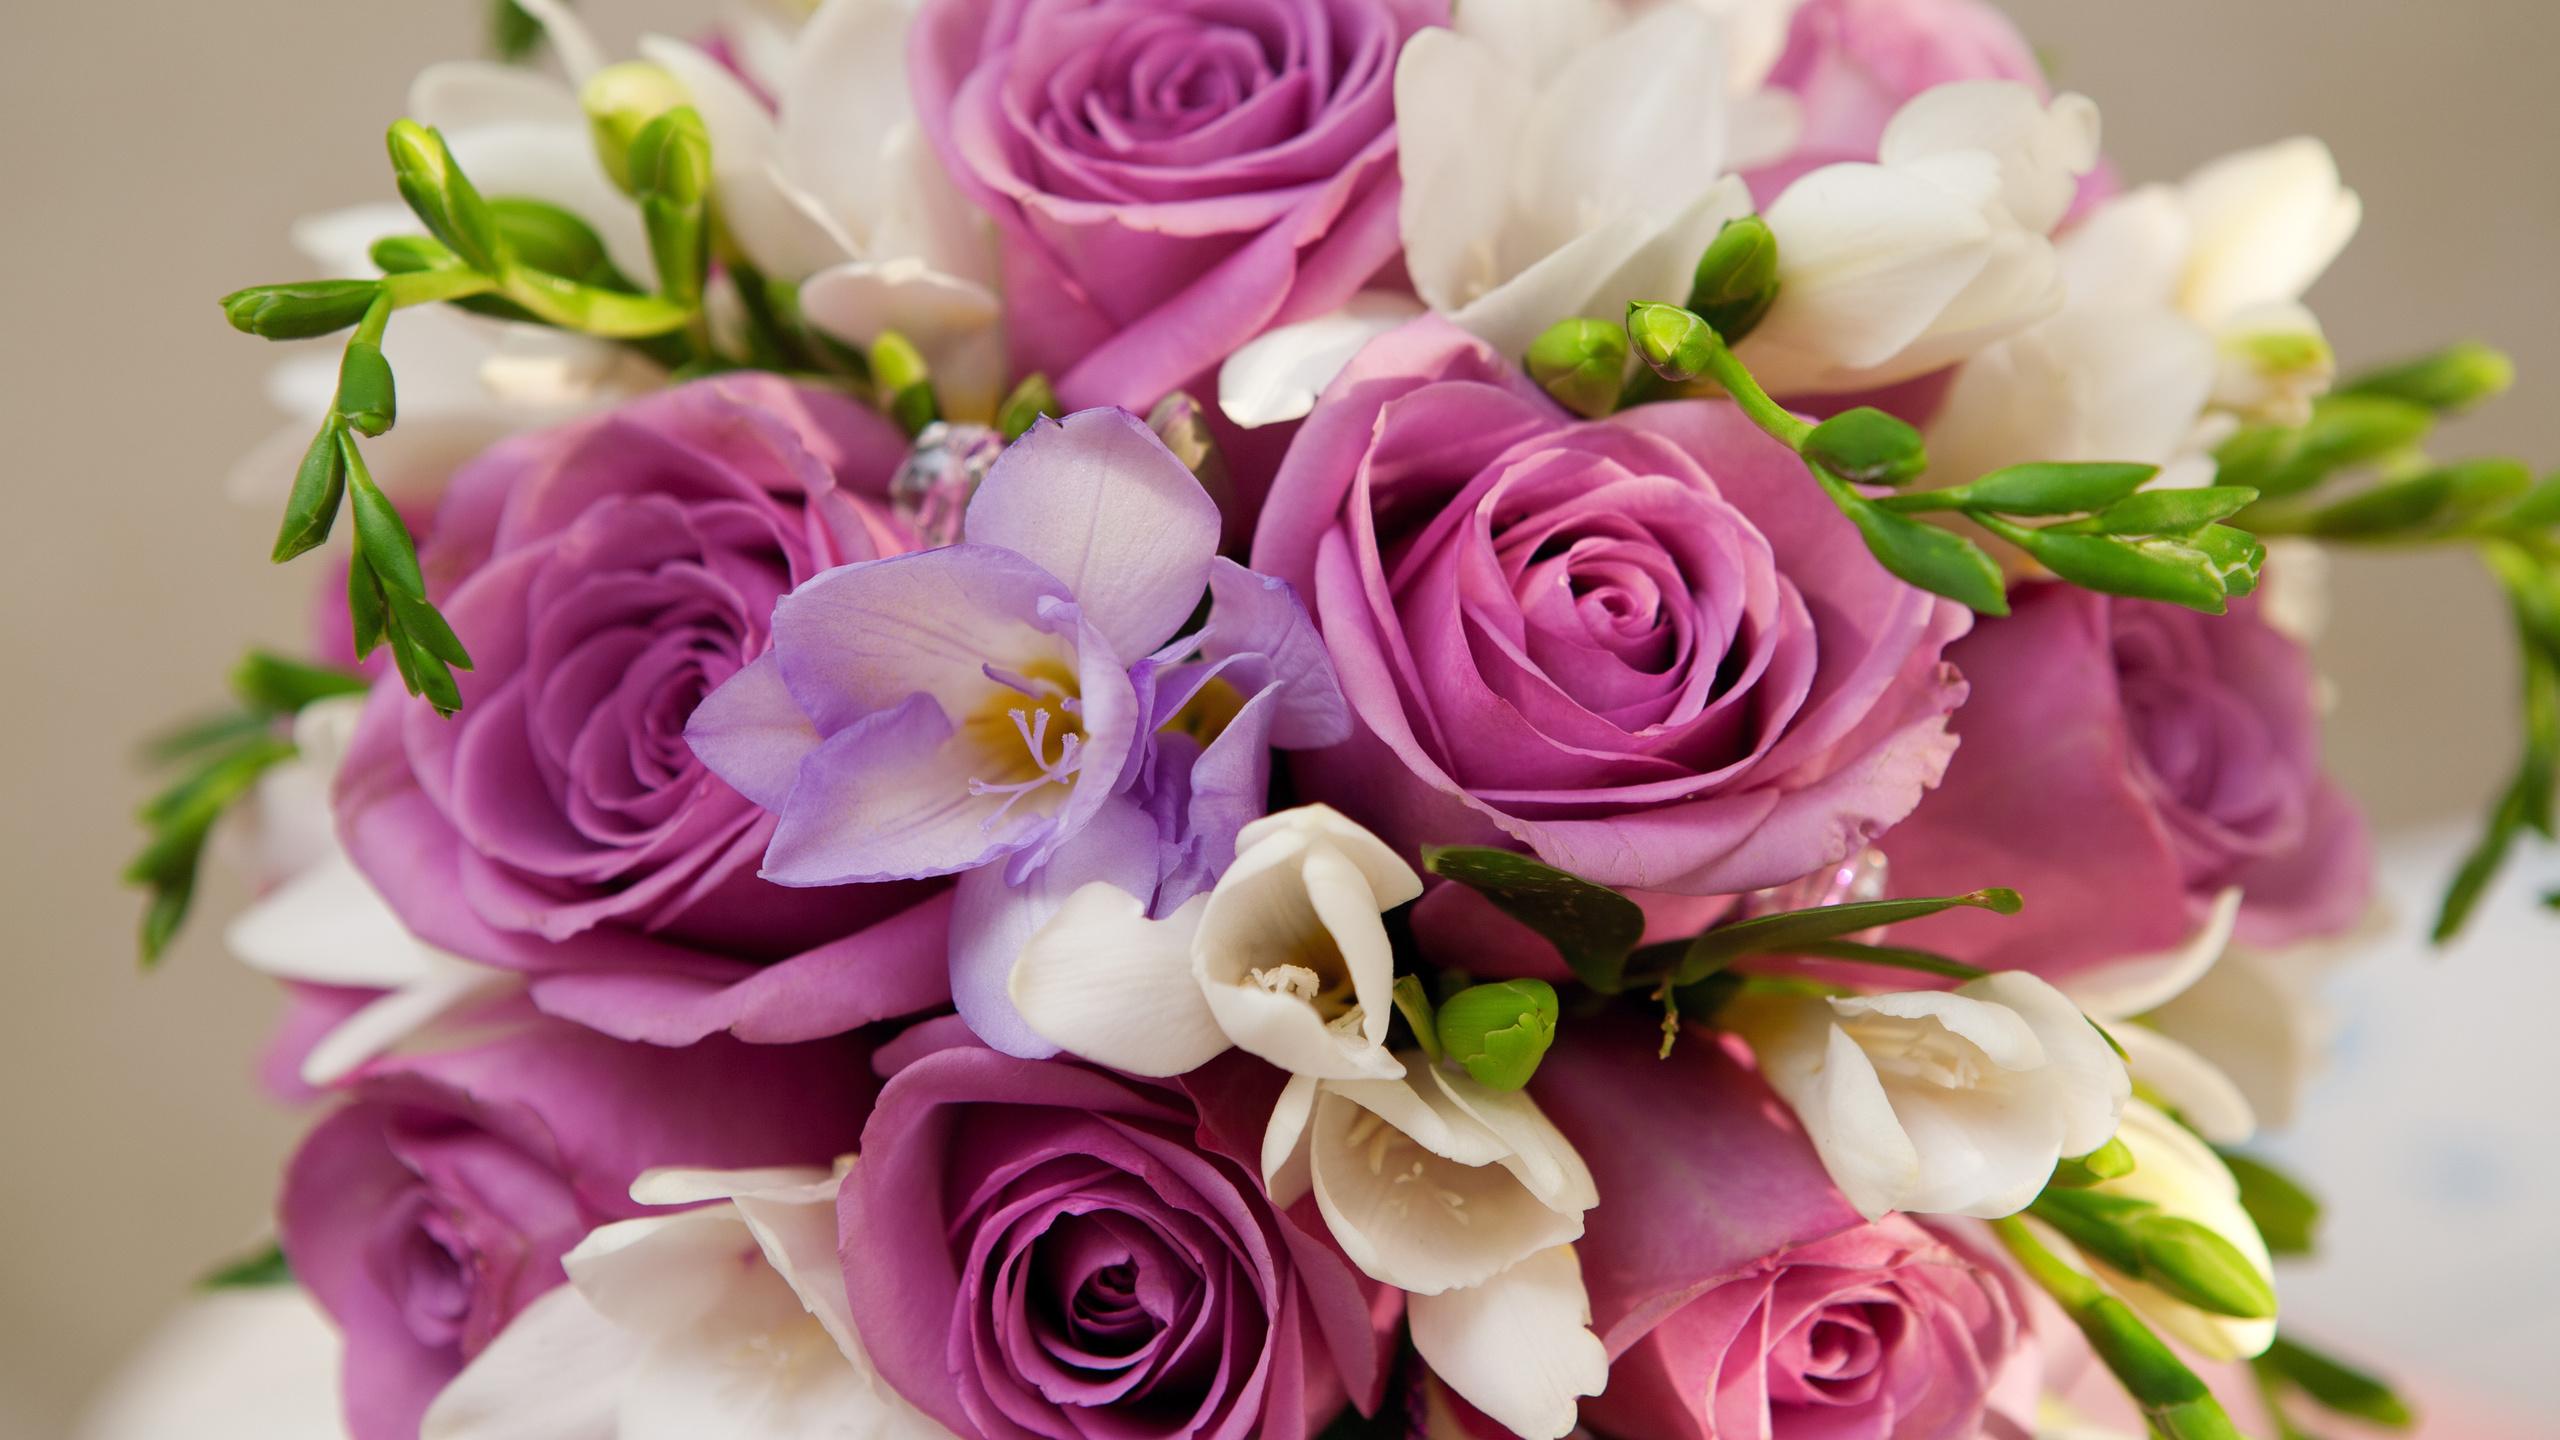 Букет роз фото высокого качества, свадебные